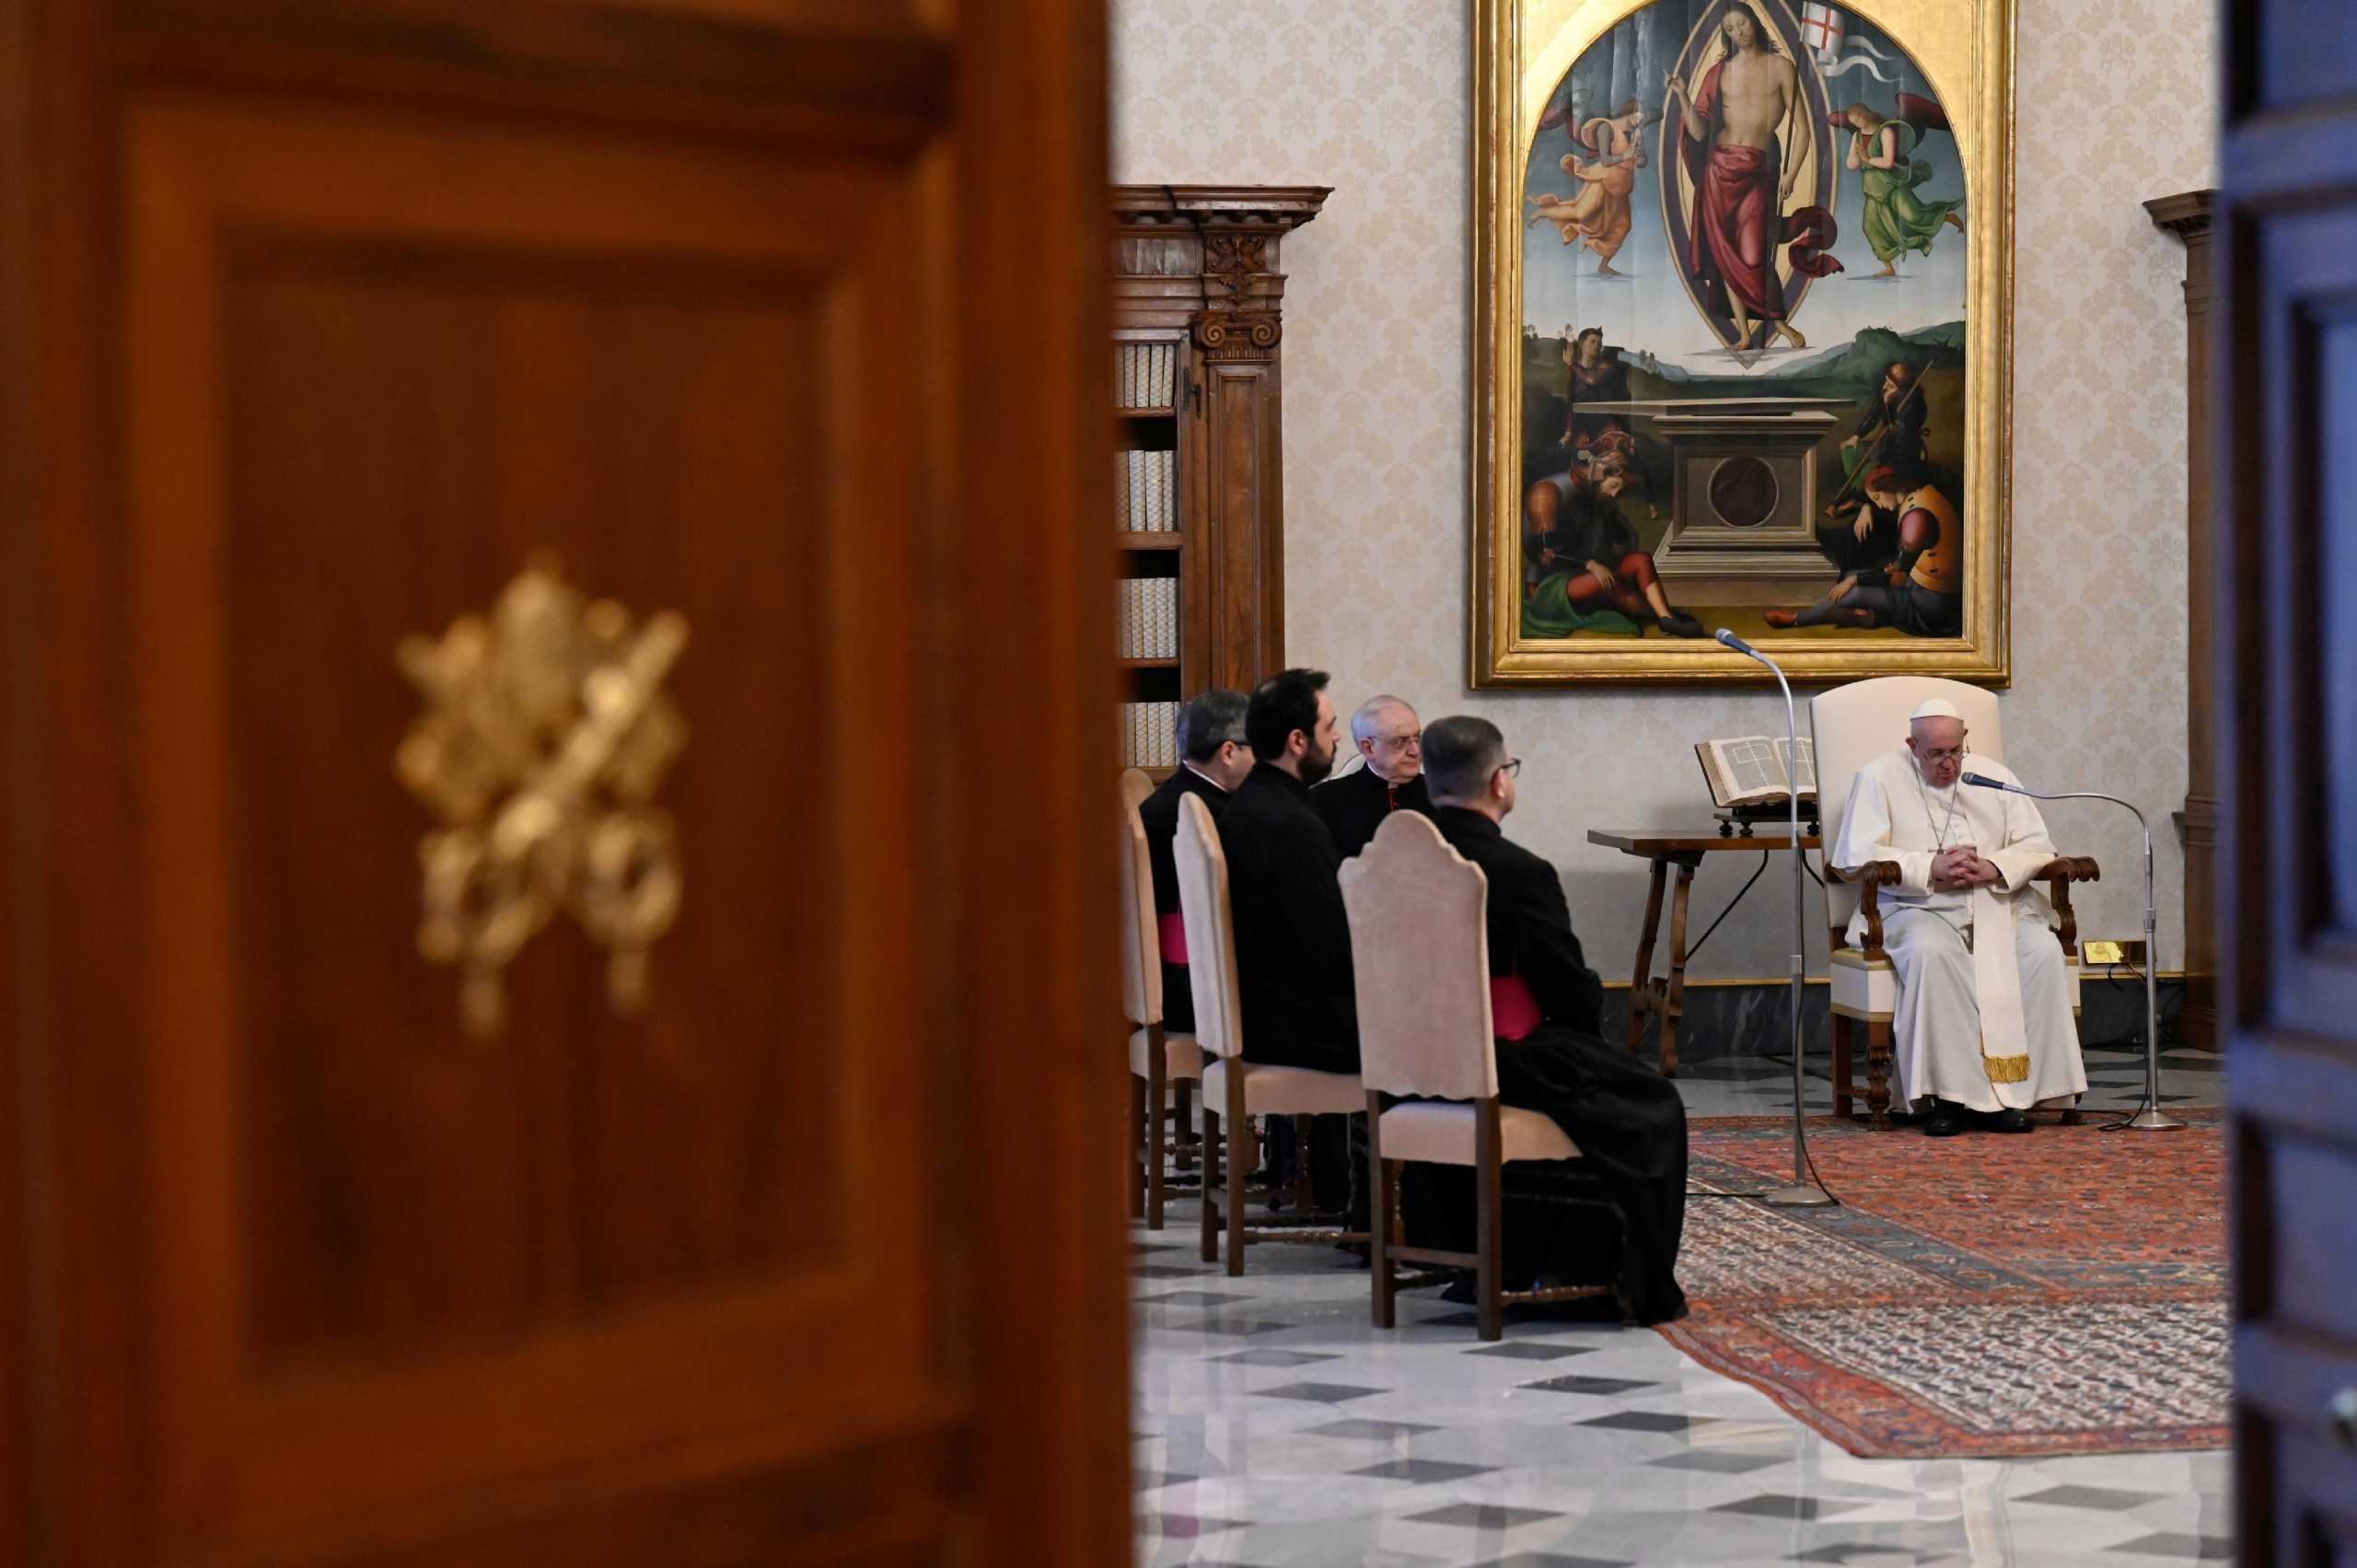 Βατικανό: Ο πάπας απαγορεύει στους καρδινάλιους «δώρα ή άλλες διευκολύνσεις» άνω των σαράντα ευρώ